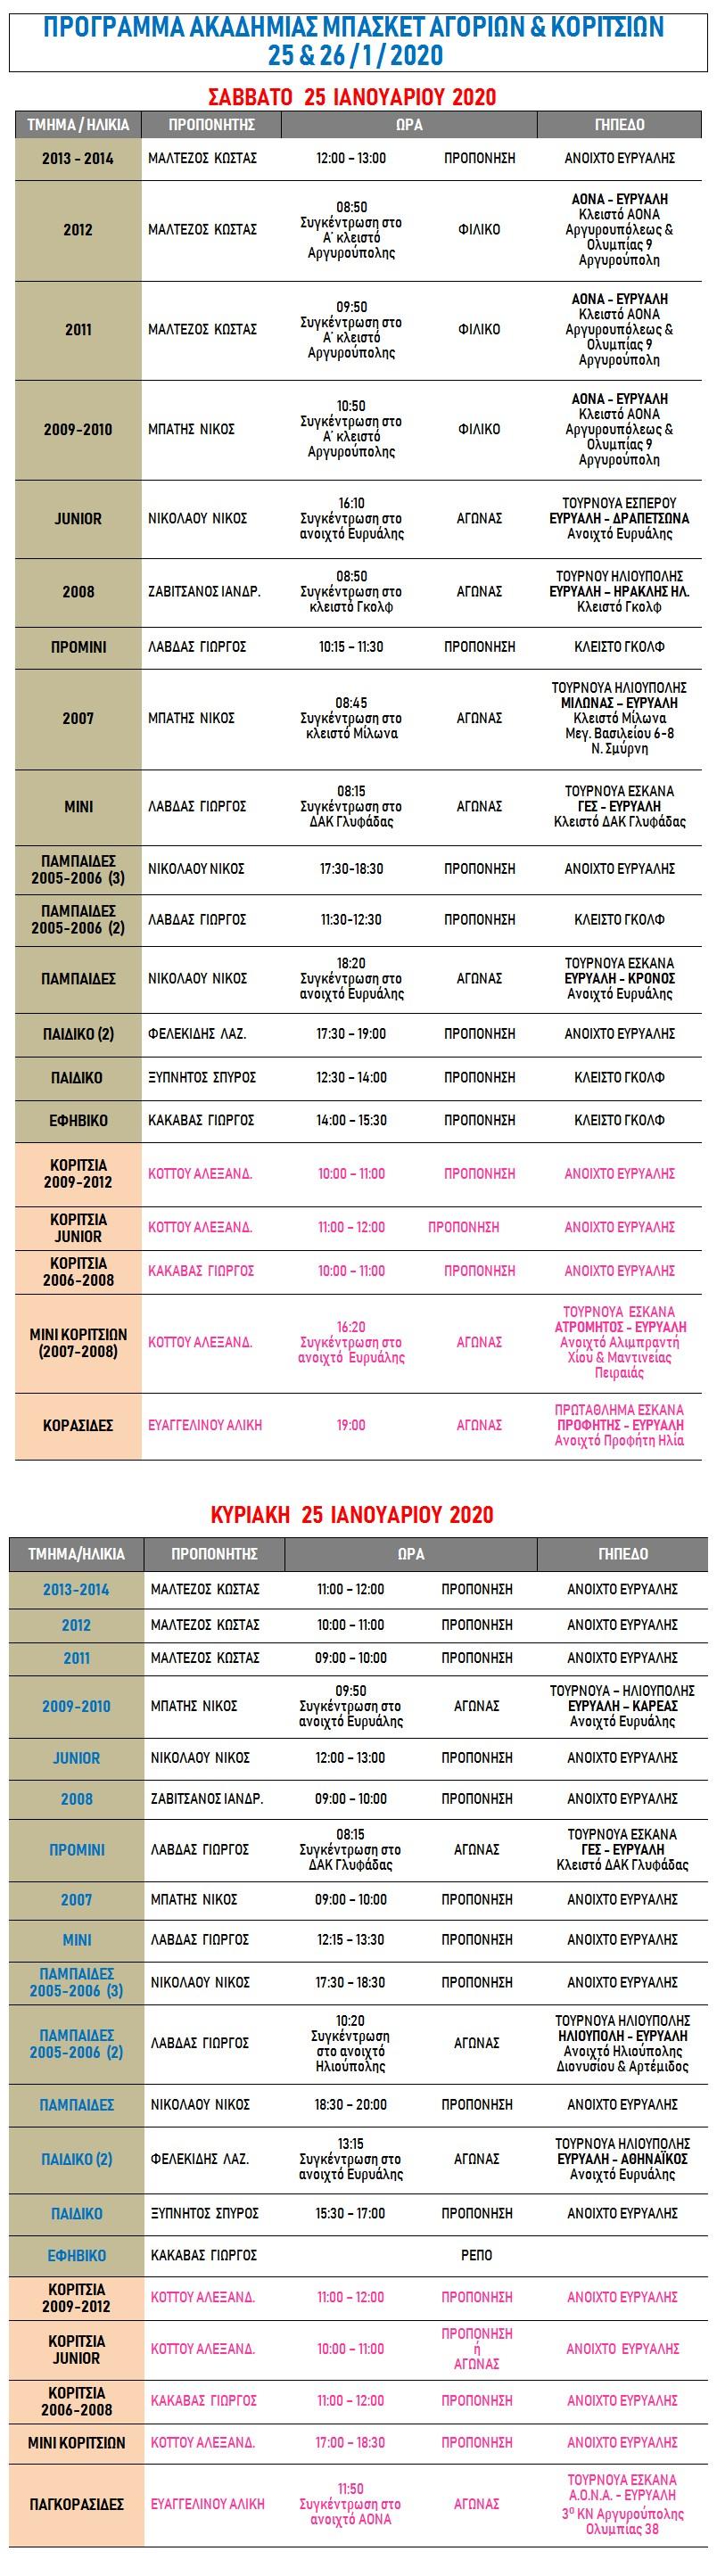 Academy Programme 25 & 26 Jan 2020